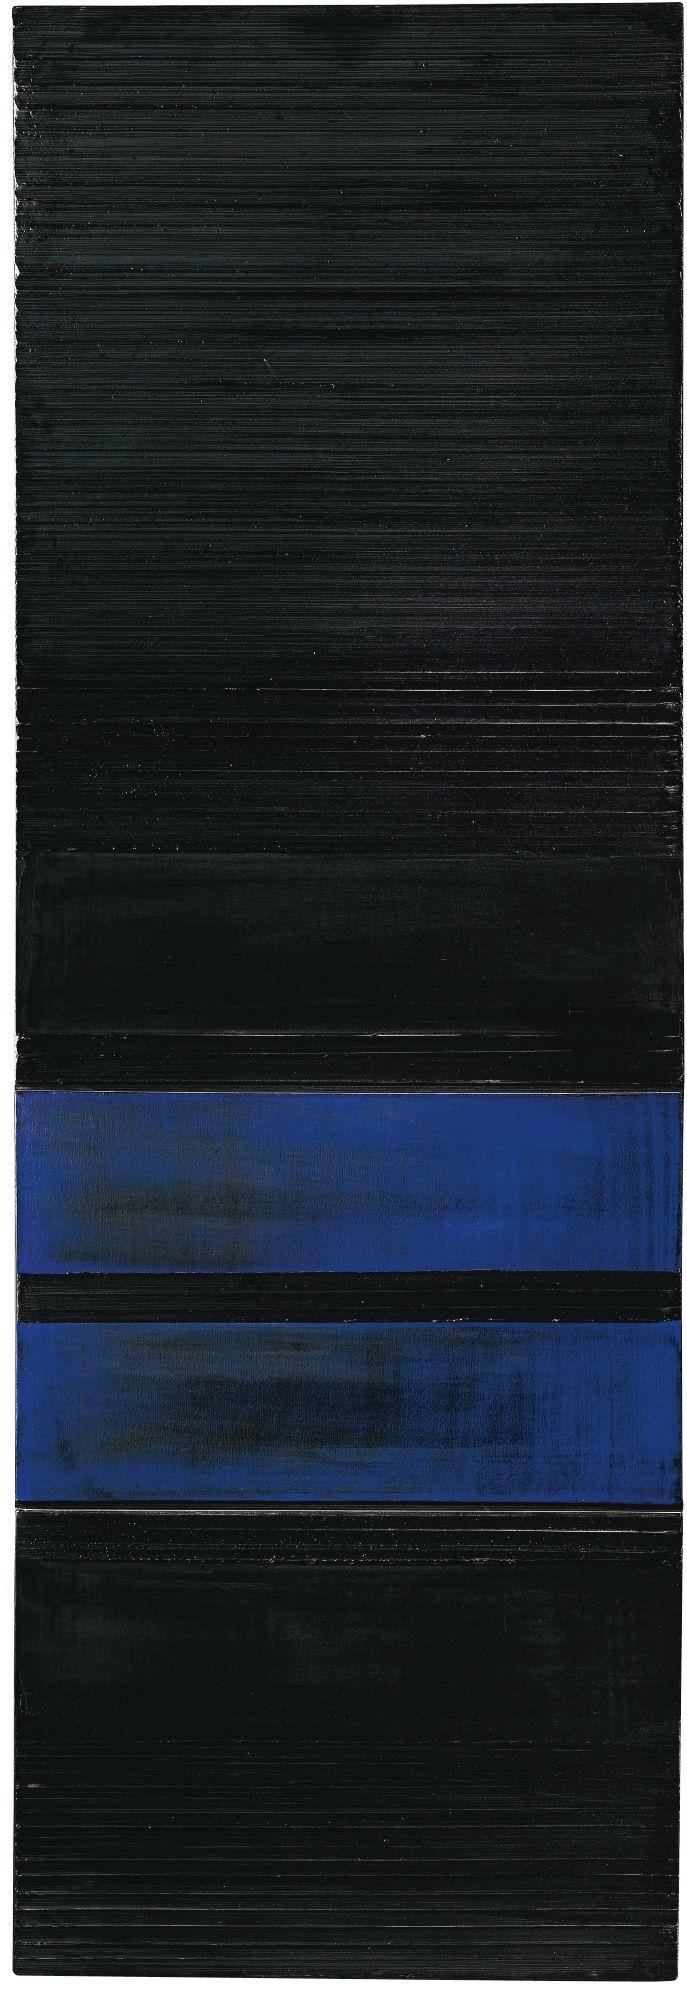 PIERRE SOULAGES N. 1919 PEINTURE 237 X 81 CM, 27 FÉVRIER 1990